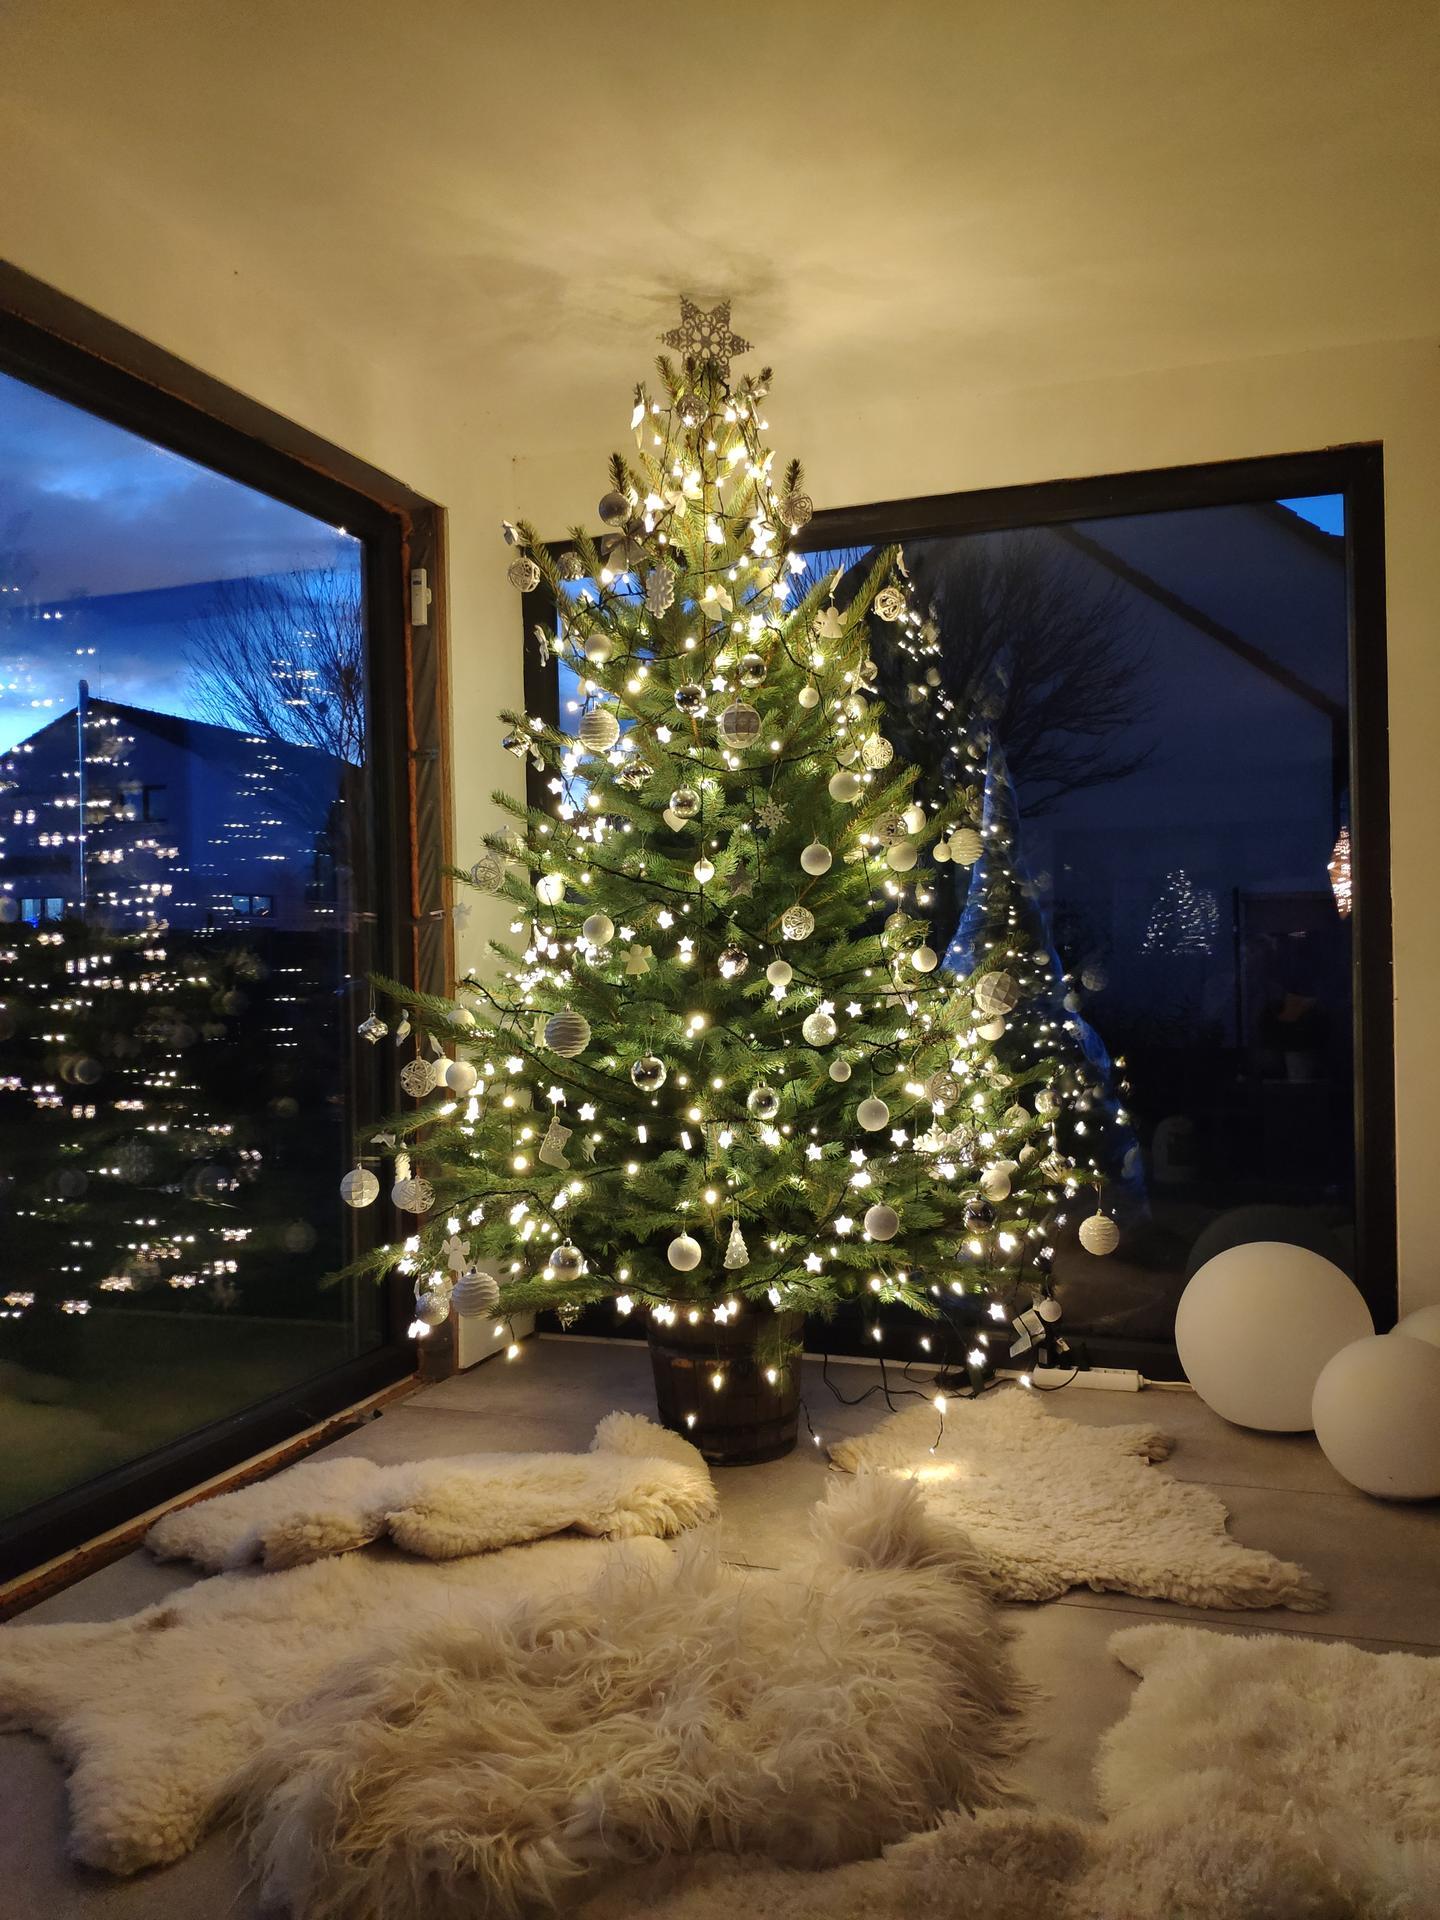 Krásné svátky a všem zdravíčko, klid a pohodu...my to už nevydrželi 🤣 - Obrázek č. 1